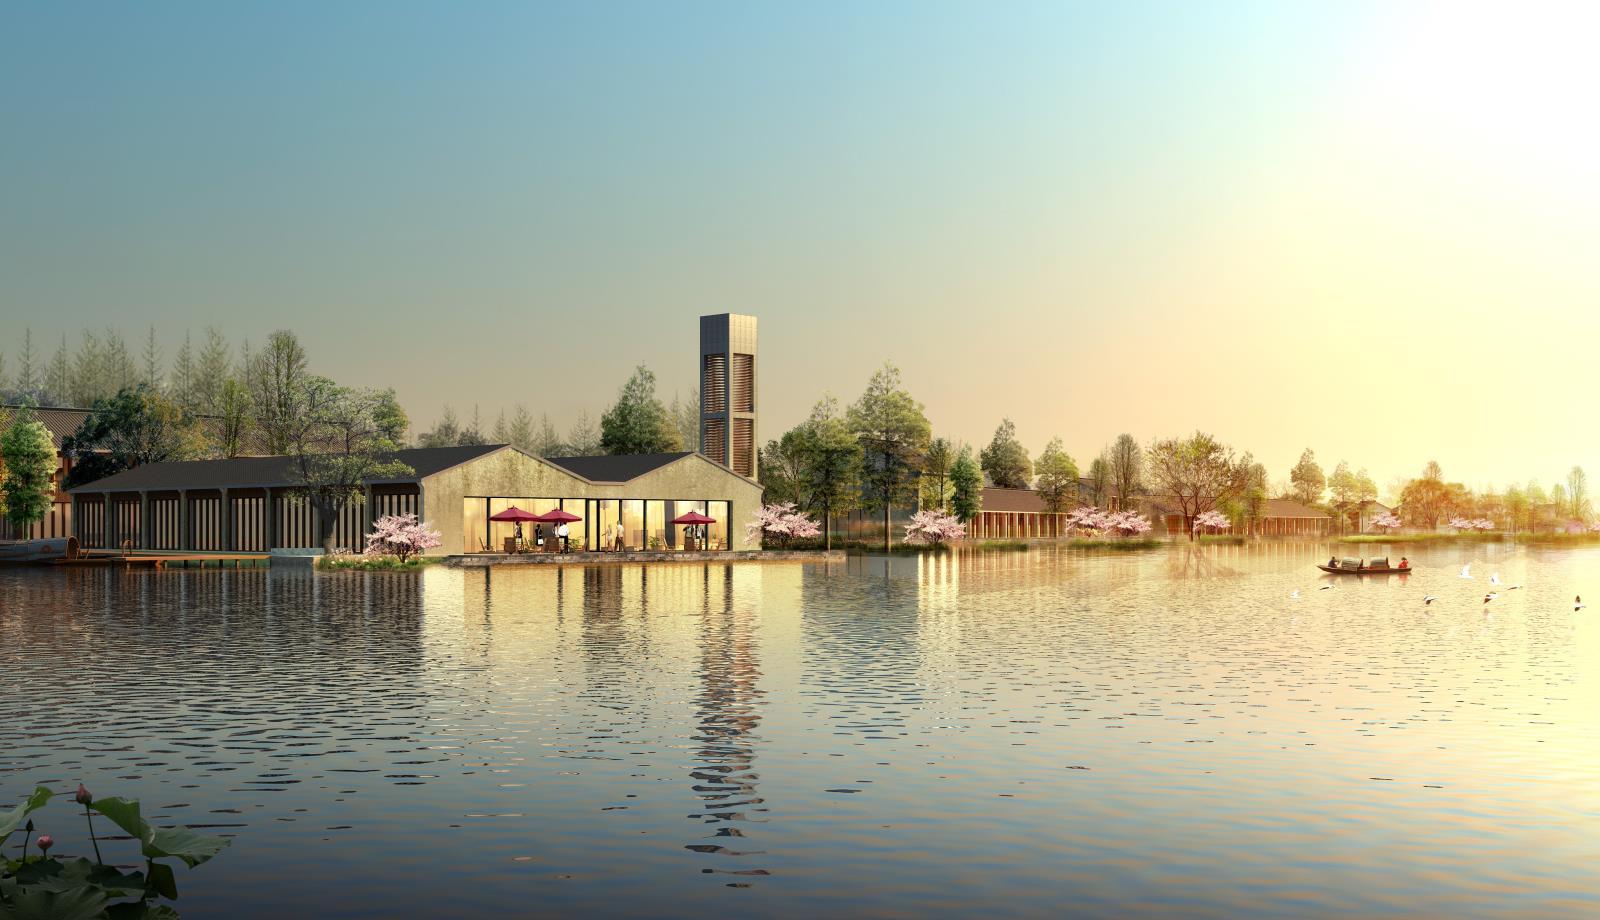 绍兴东鉴湖水乡风貌示范区总体概念规划